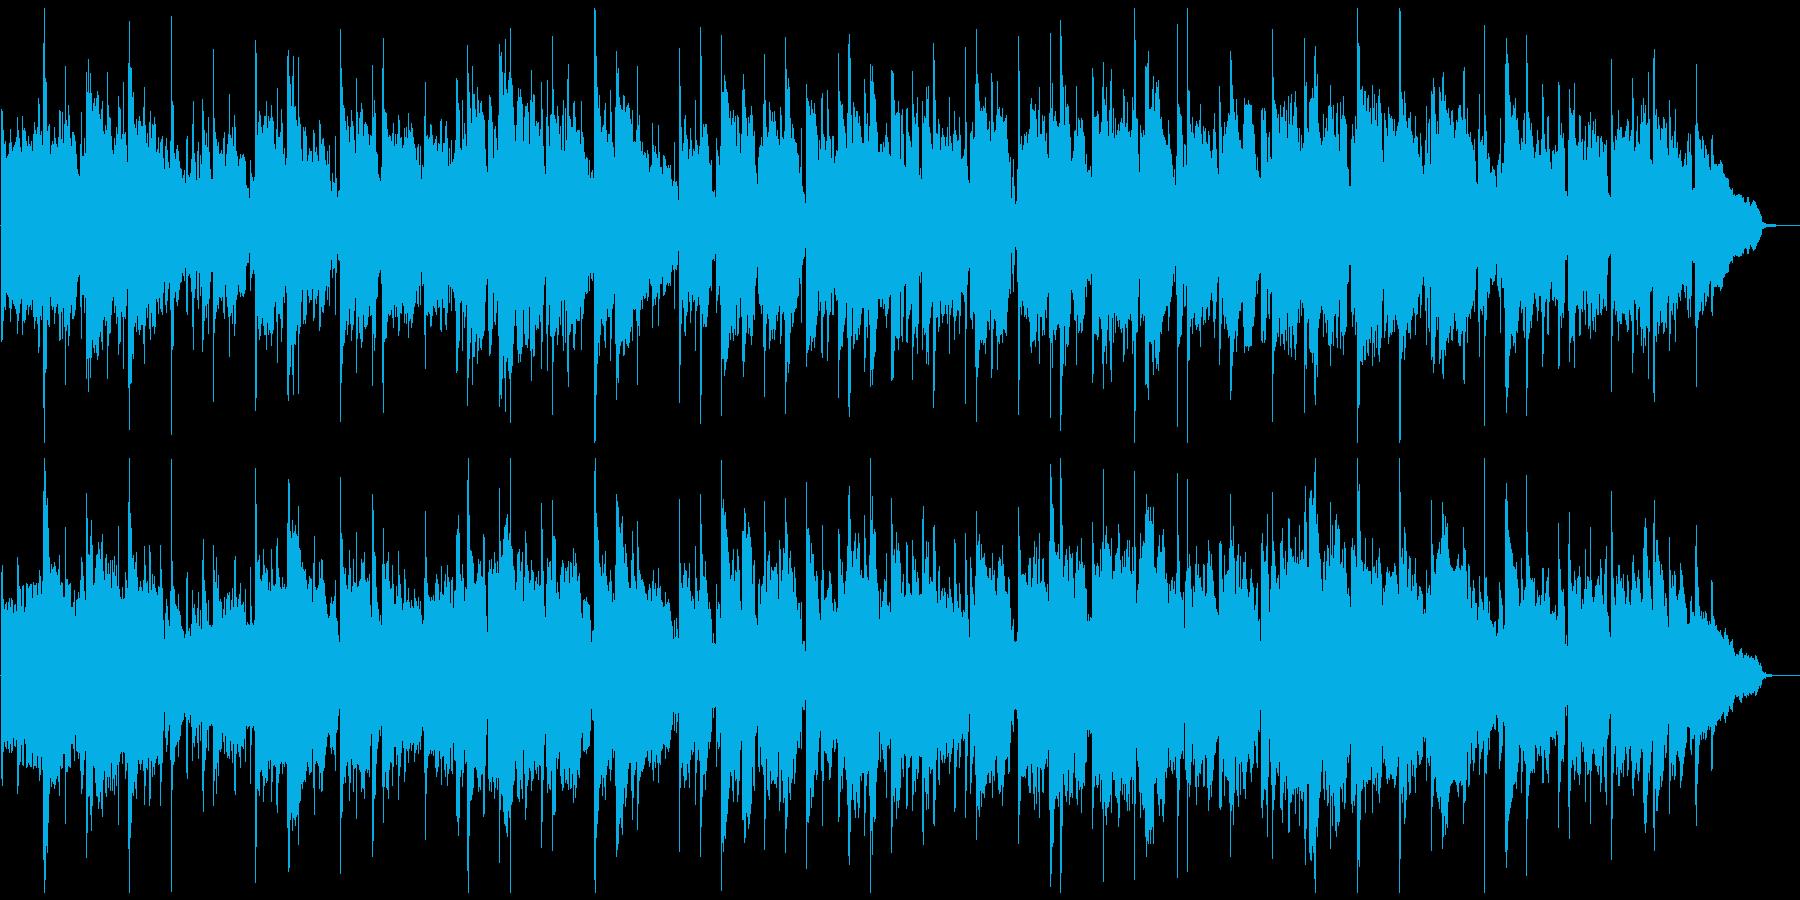 ノスタルジックな笛のリラクゼーション曲の再生済みの波形